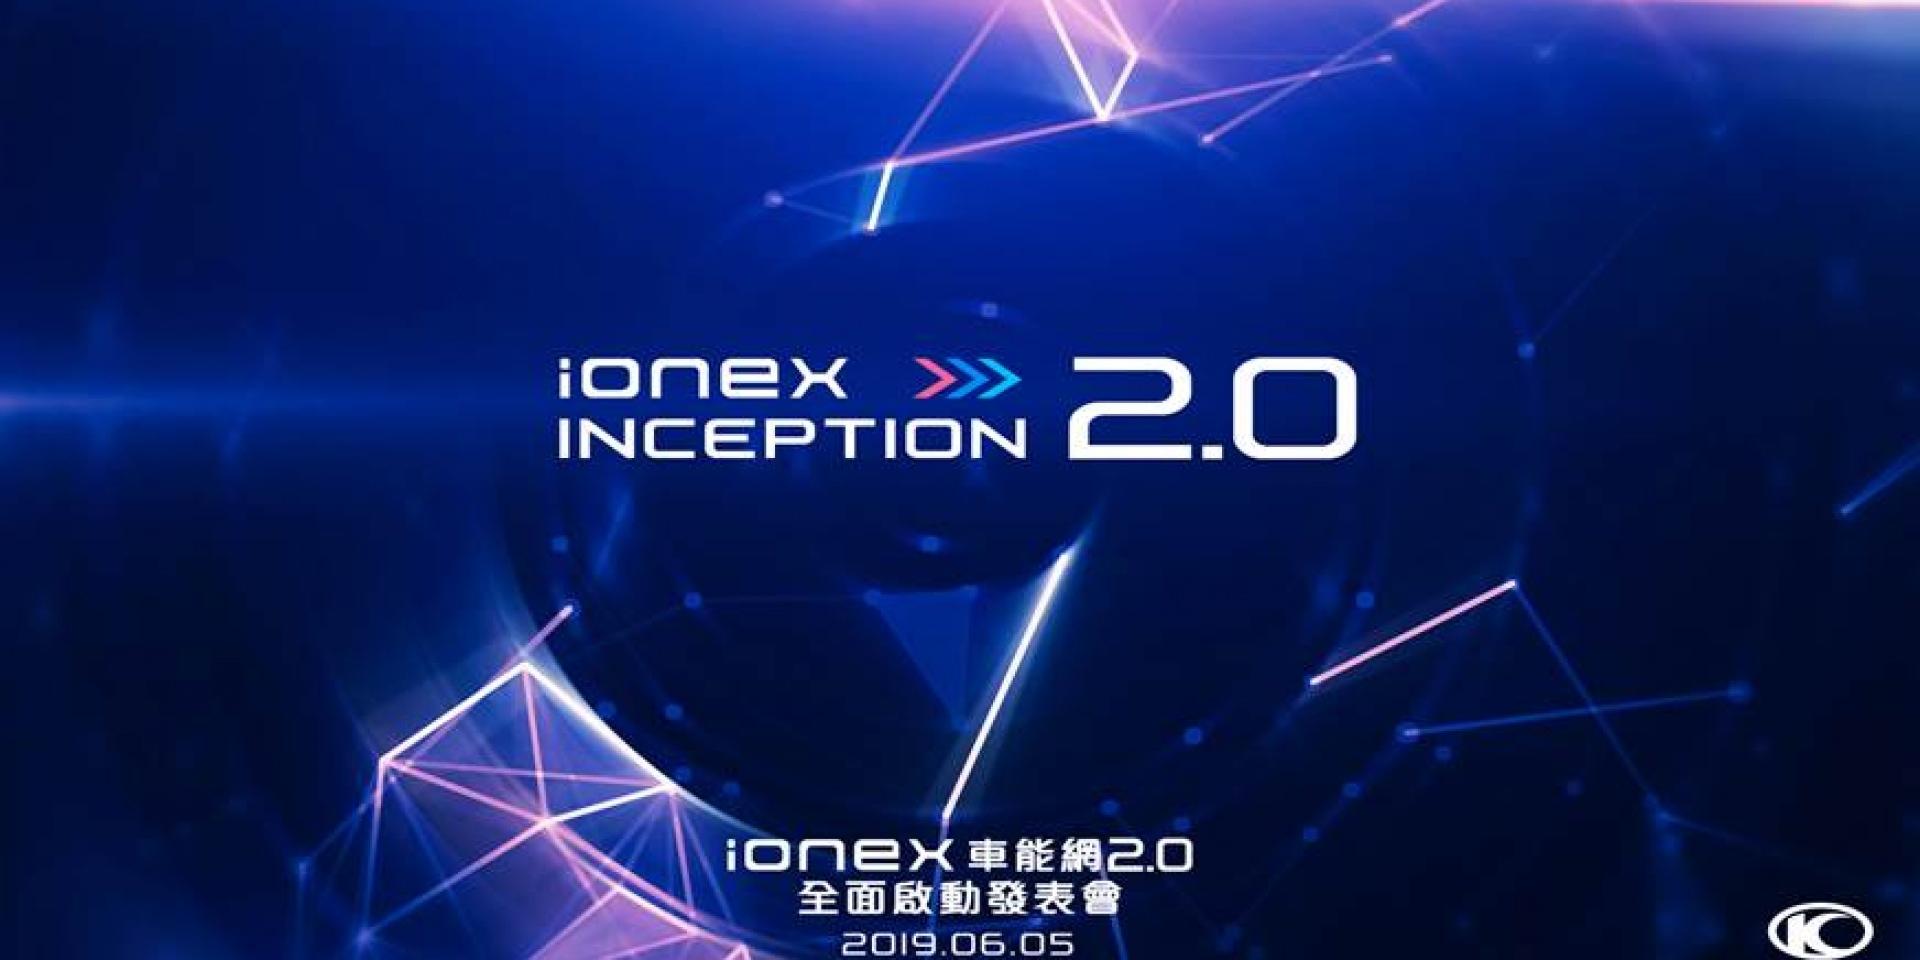 KYMCO預告,IONEX車能網2.0,6/5 廠慶發表會登場